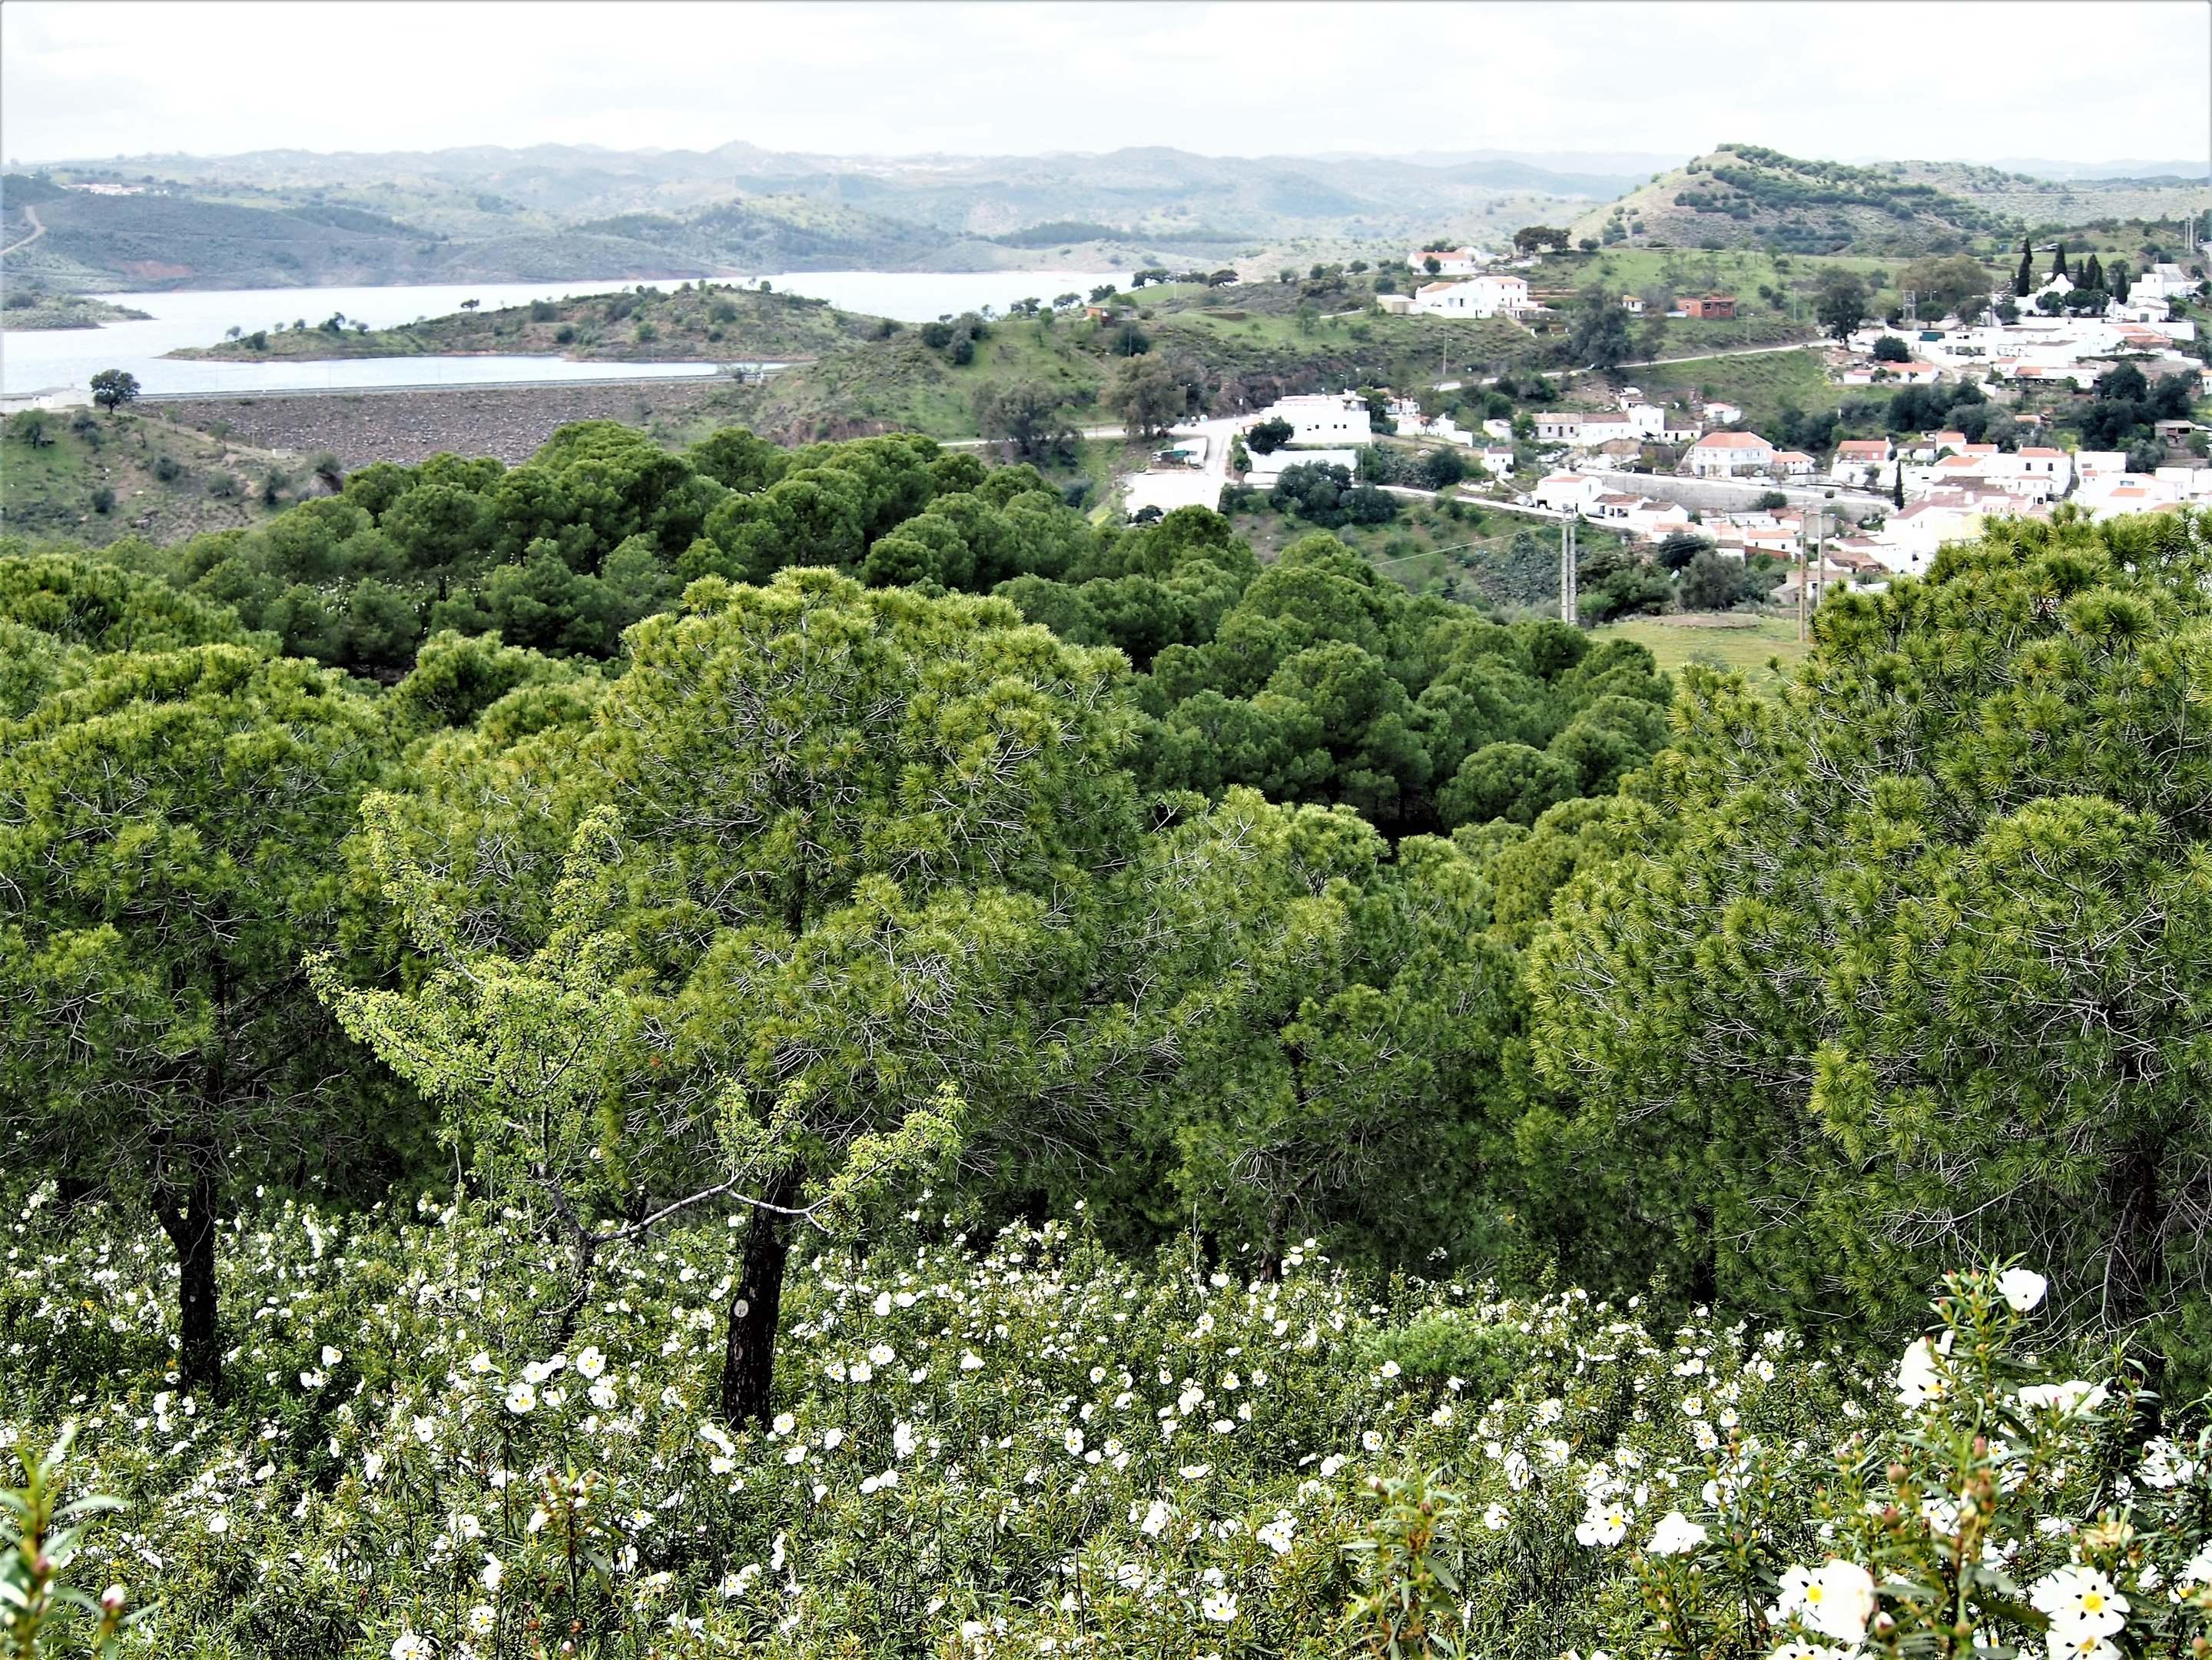 Barragem de Odeleite - Vila de Odeleite.